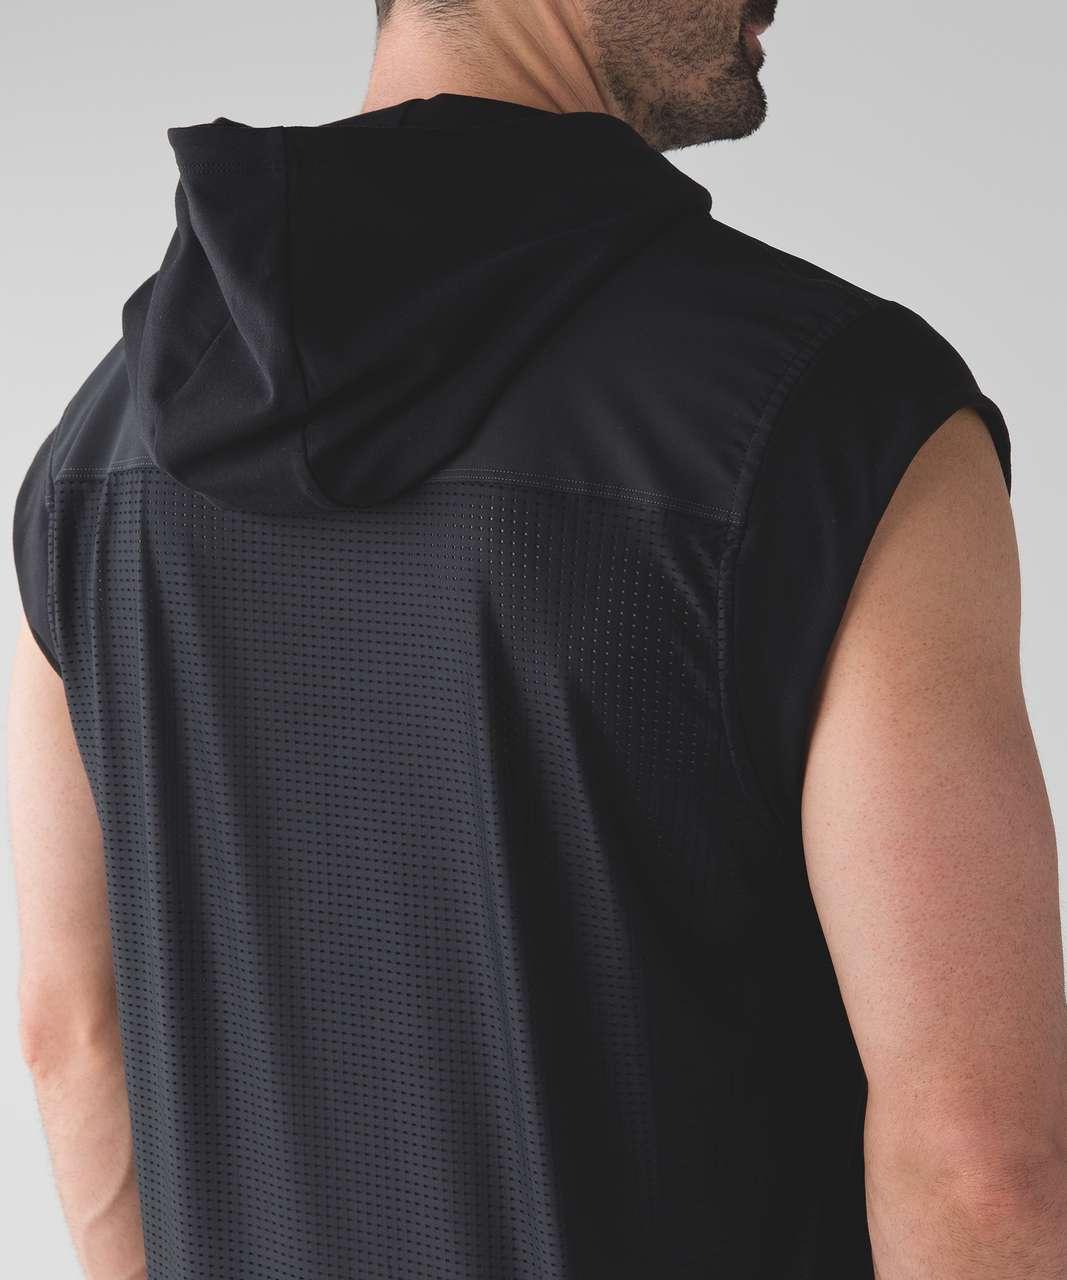 137adc7ff8b5f1 Lululemon Stealth Hooded Sleeveless - Black - lulu fanatics